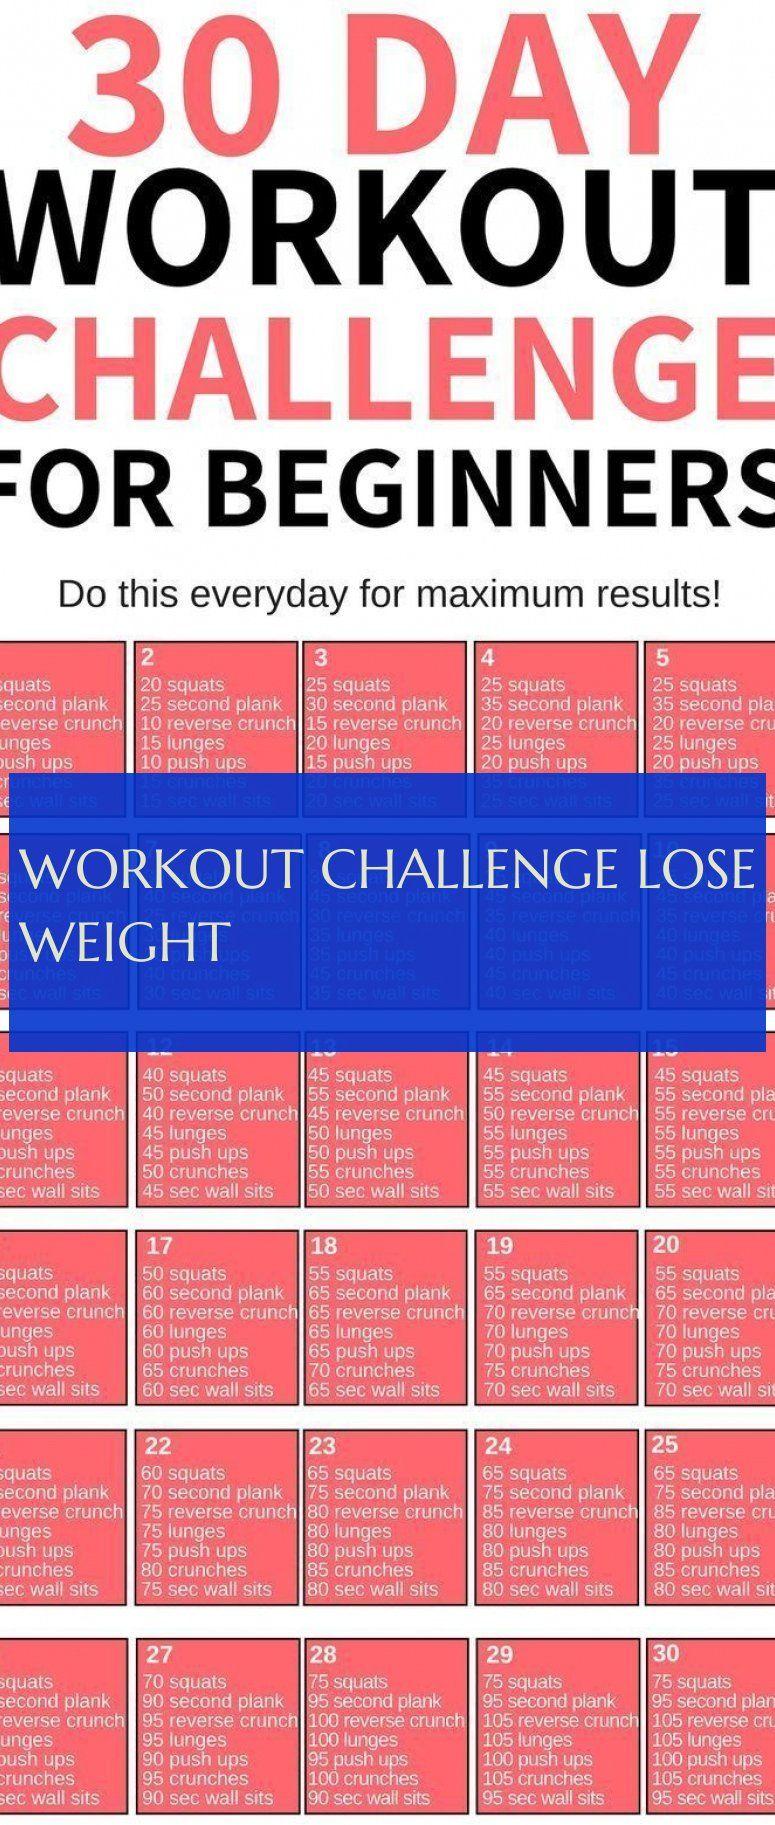 Die Herausforderung, Gewicht zu verlieren